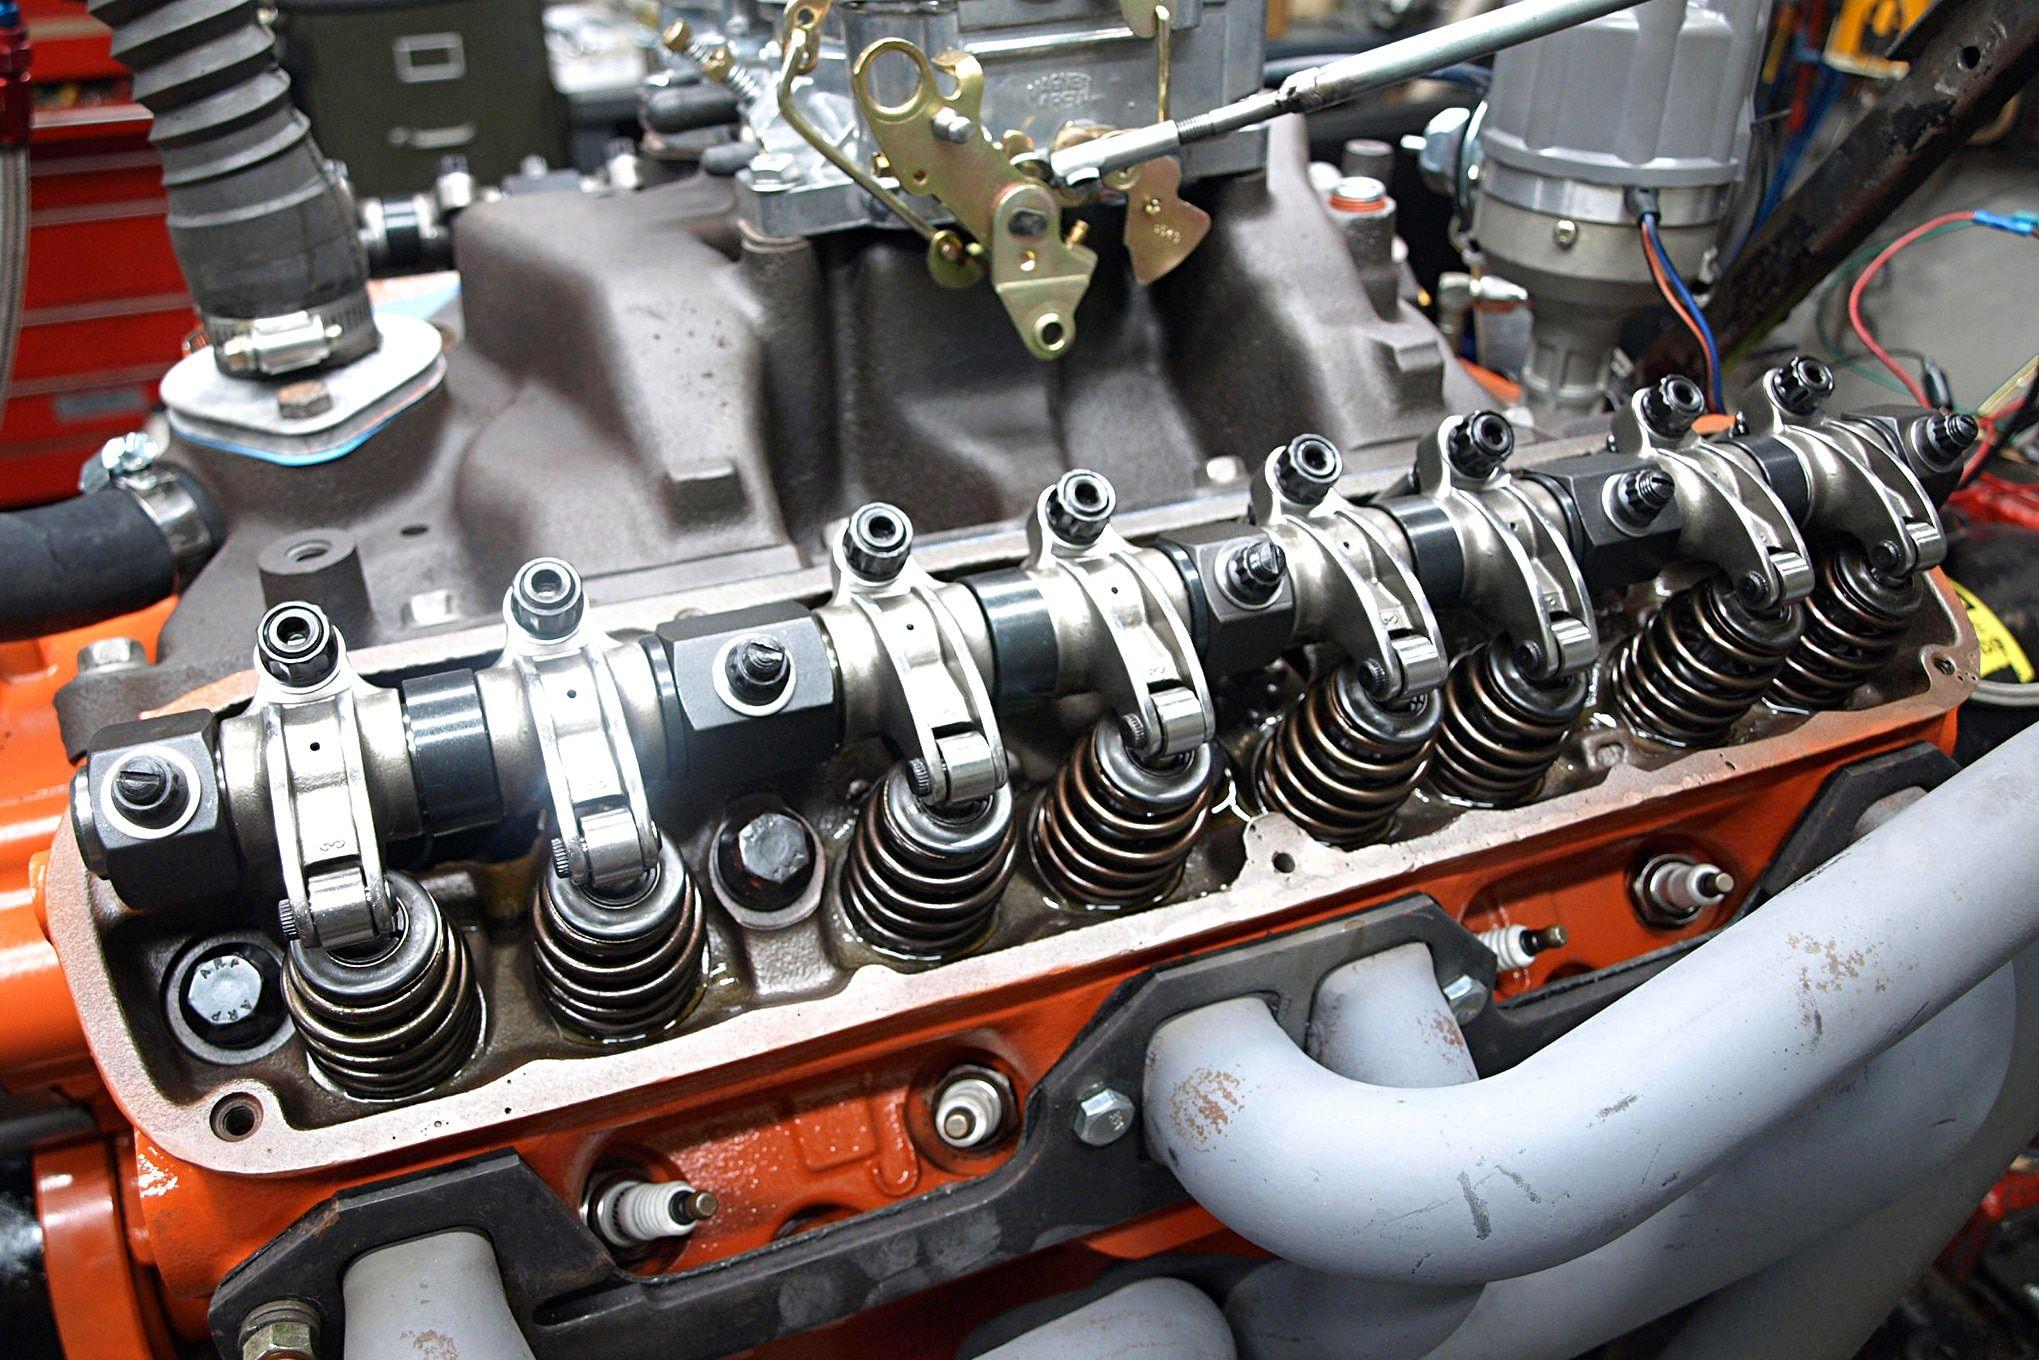 The roller rocker arm kit rendered the Chrysler's 7 500-inch